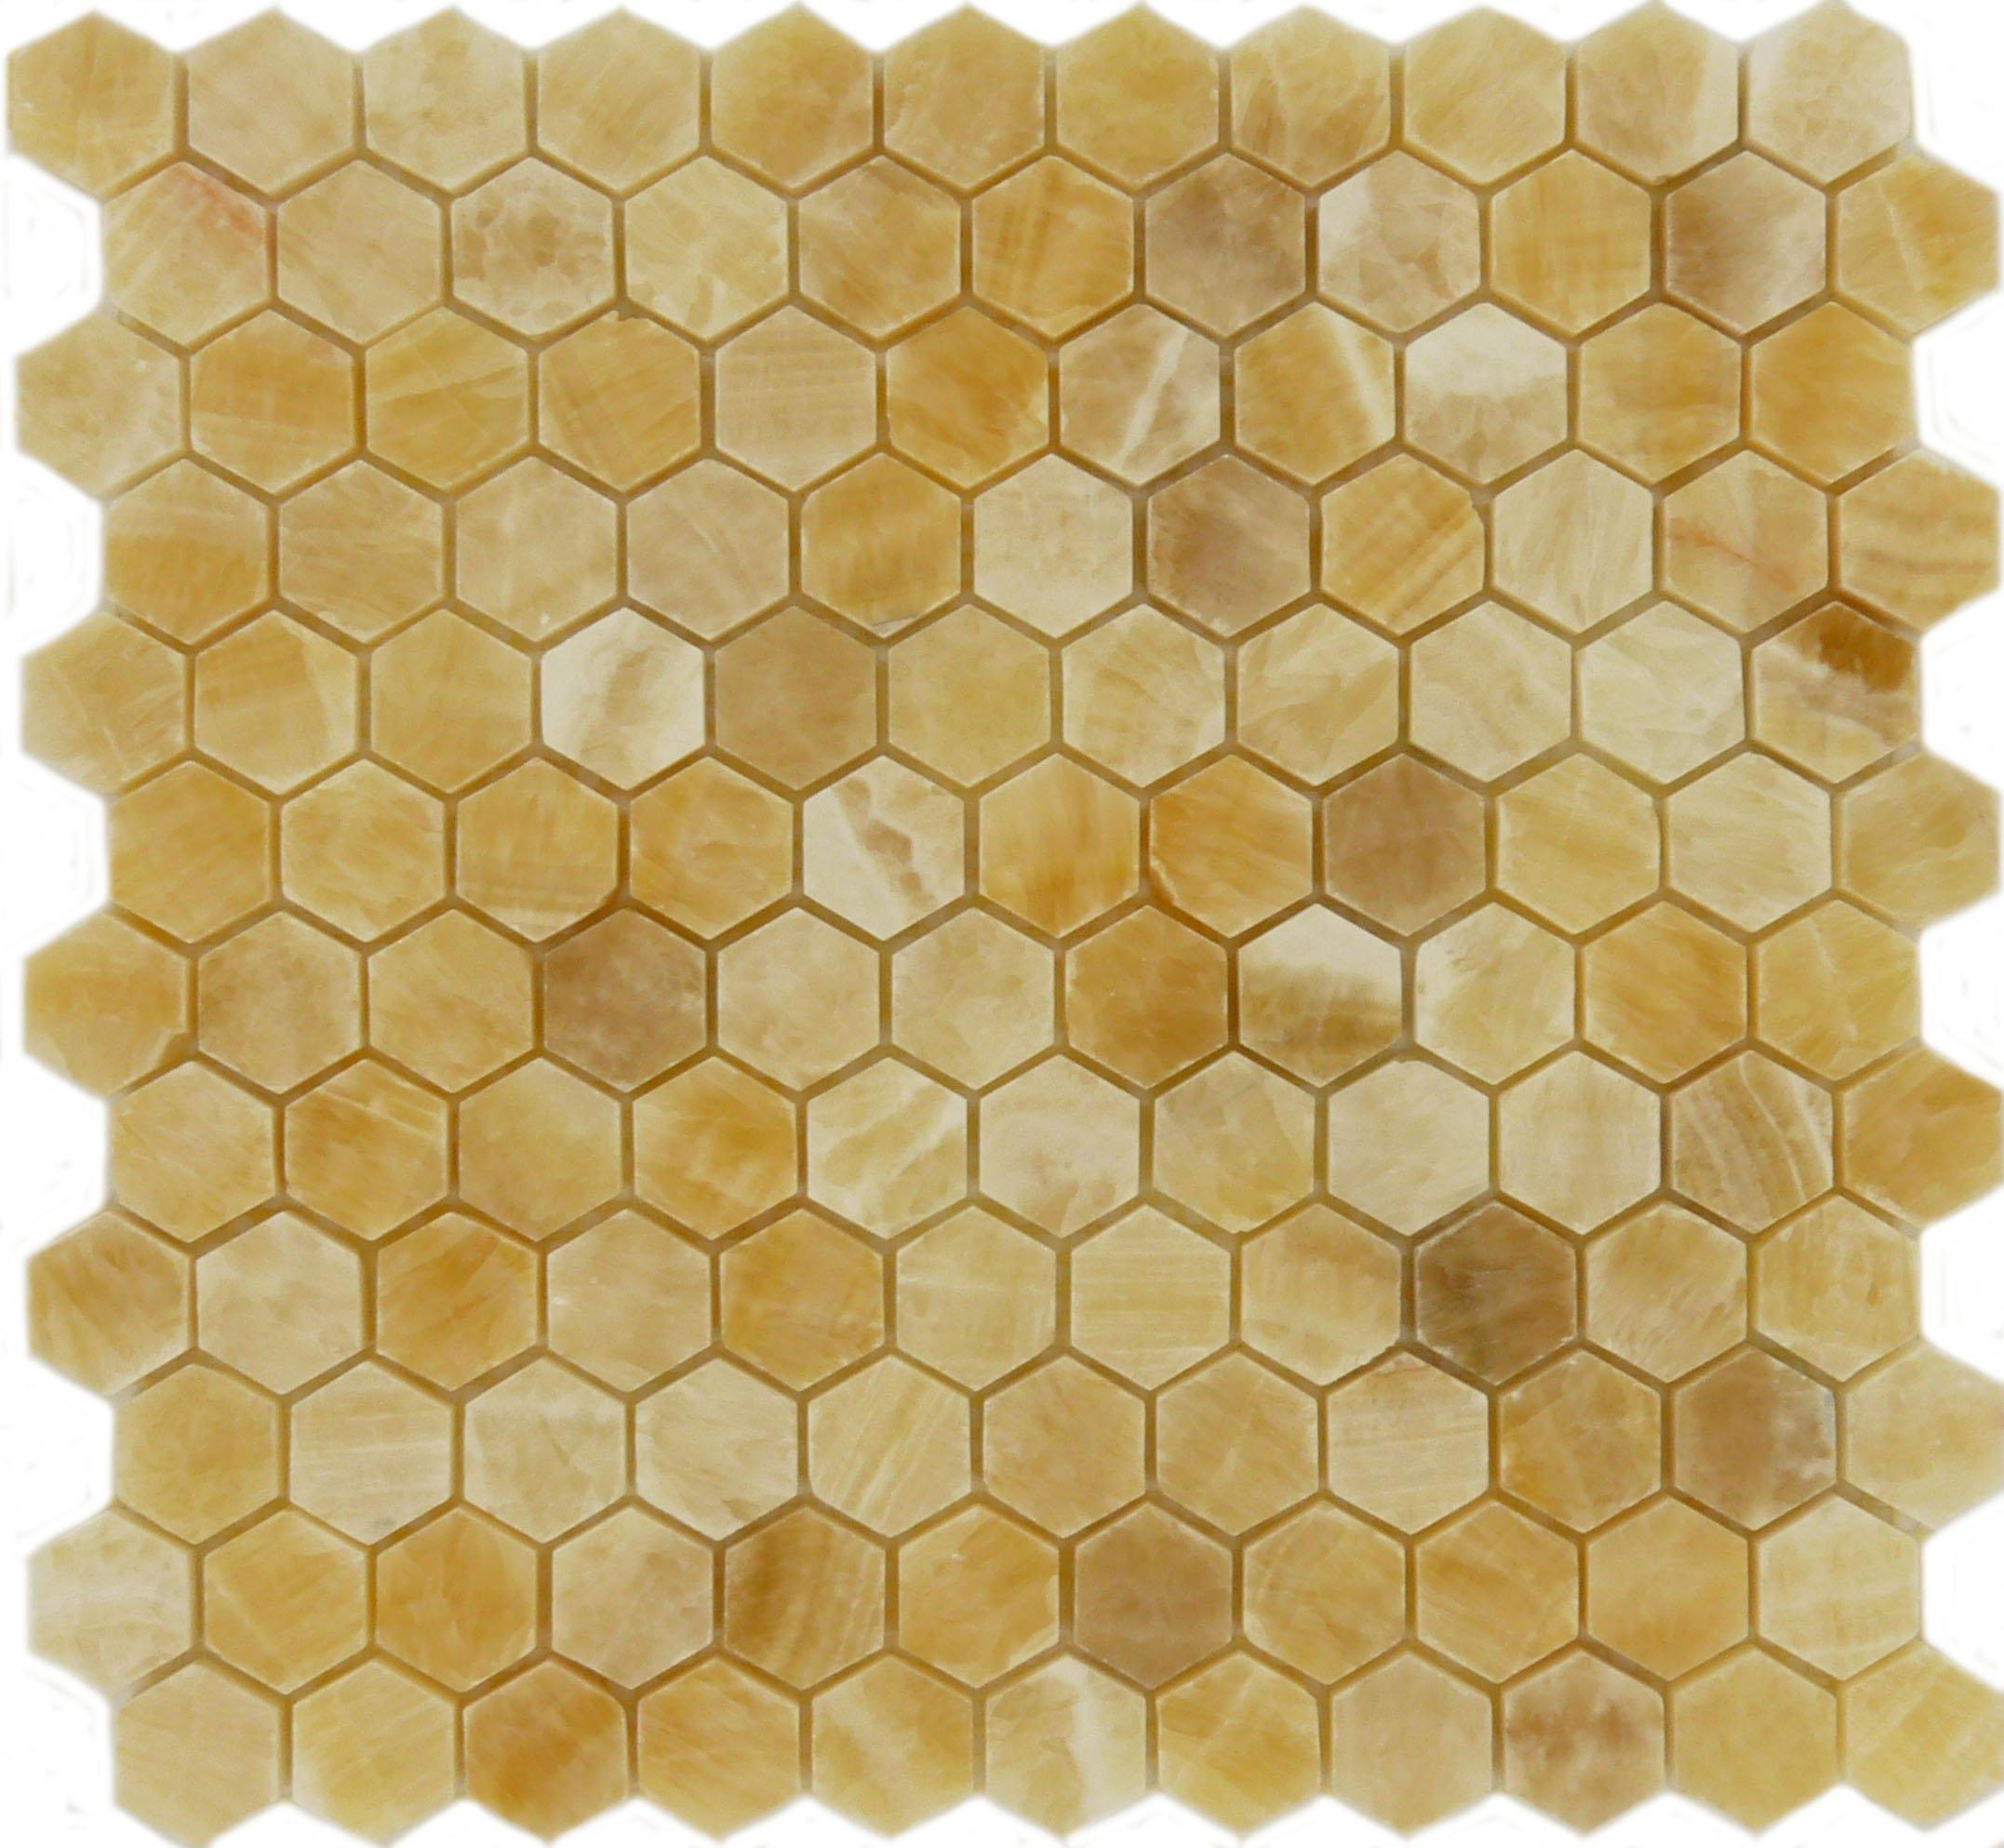 Wallandtile Honey Onyx Hexagon Interlocking Polished Mosaic Tile, 12''x12'', Set of 10